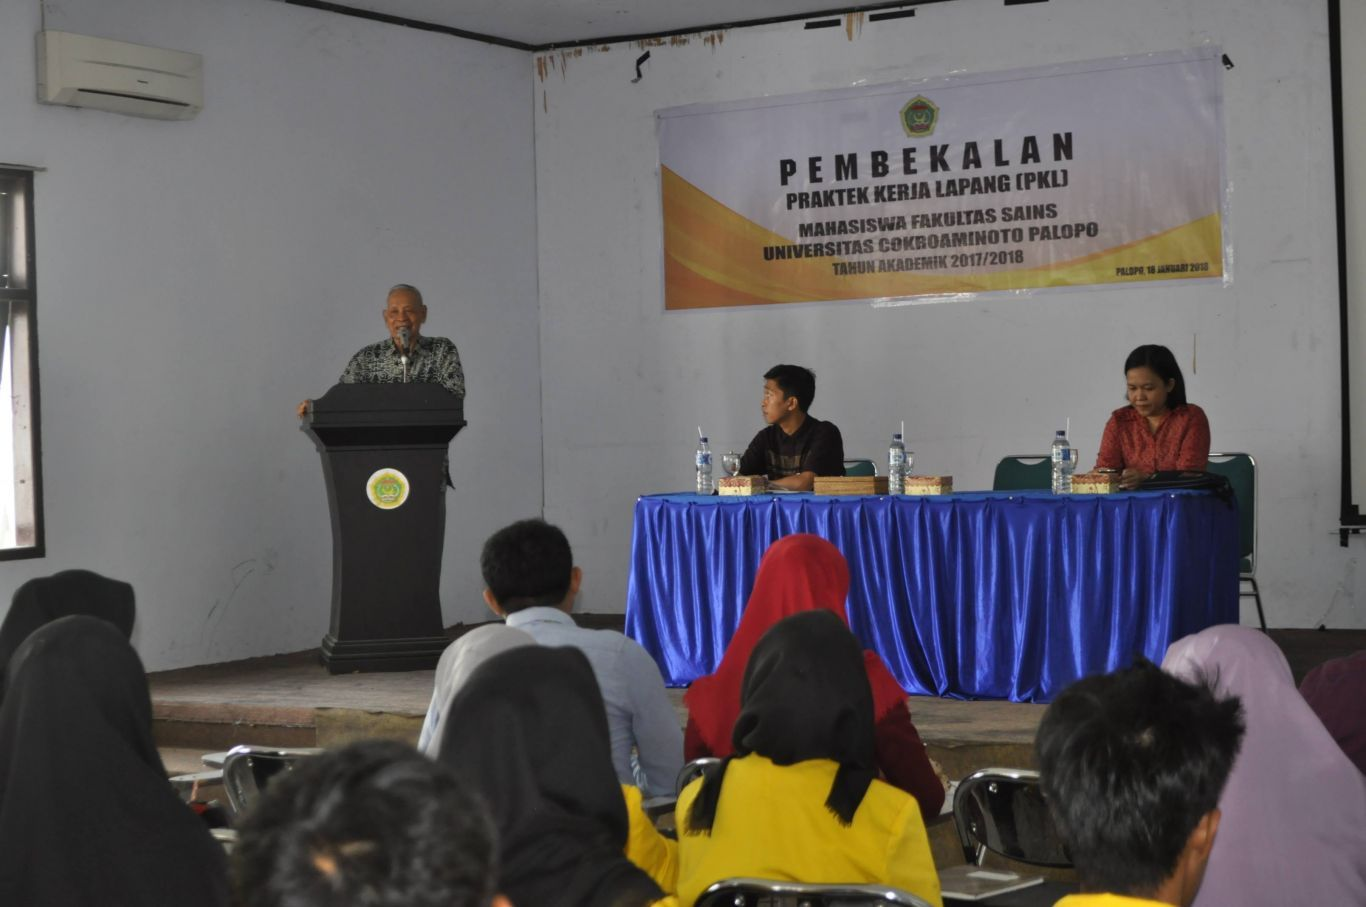 Fakultas Sains UNCP Siap Berangkatkan 132 Mahasiswa PKL di 34 Instansi